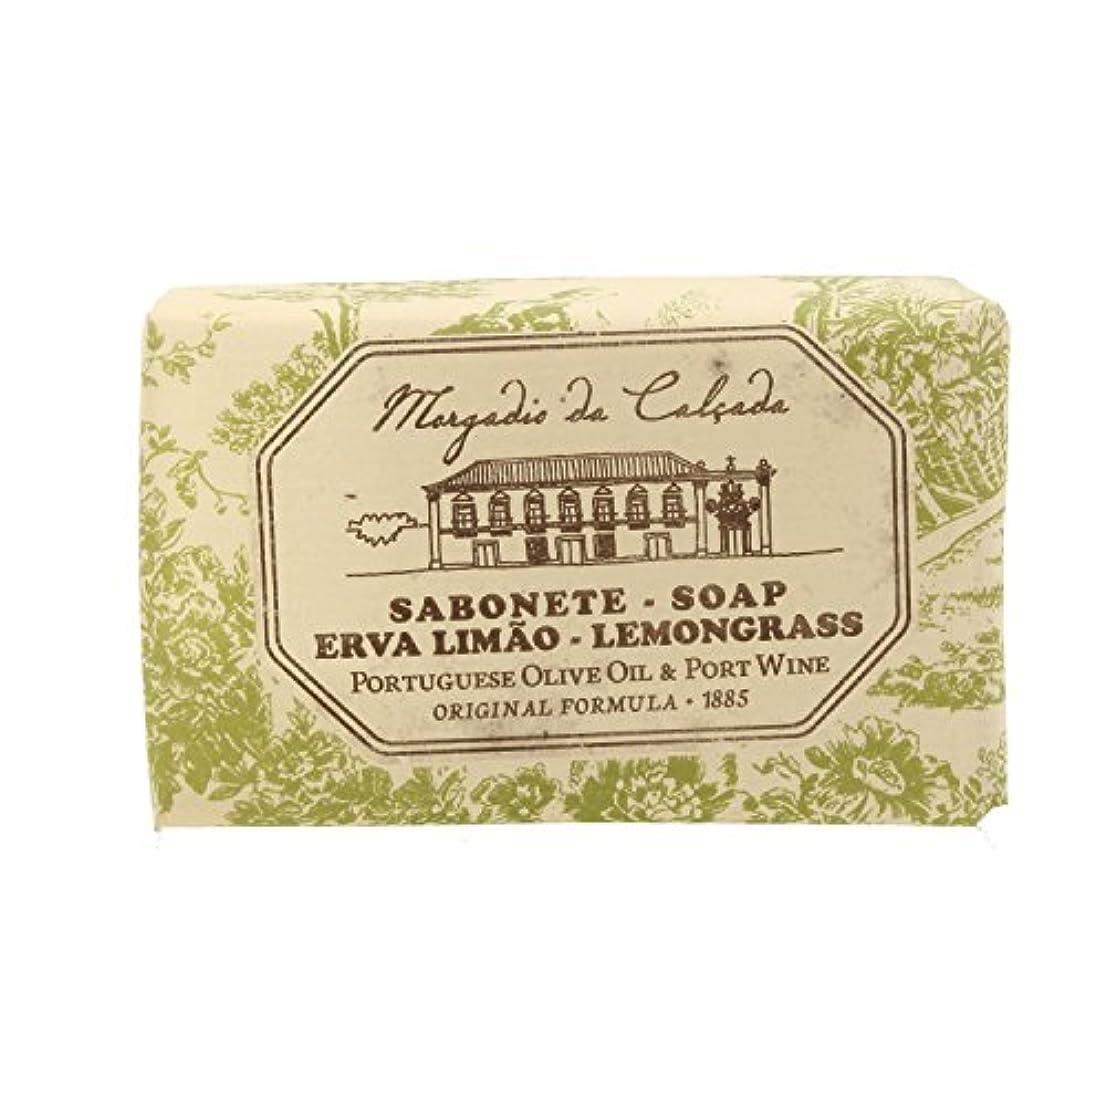 ロデオ精査する羊飼いモルガディオ ダ カルサダ ソープ レモングラス 95g